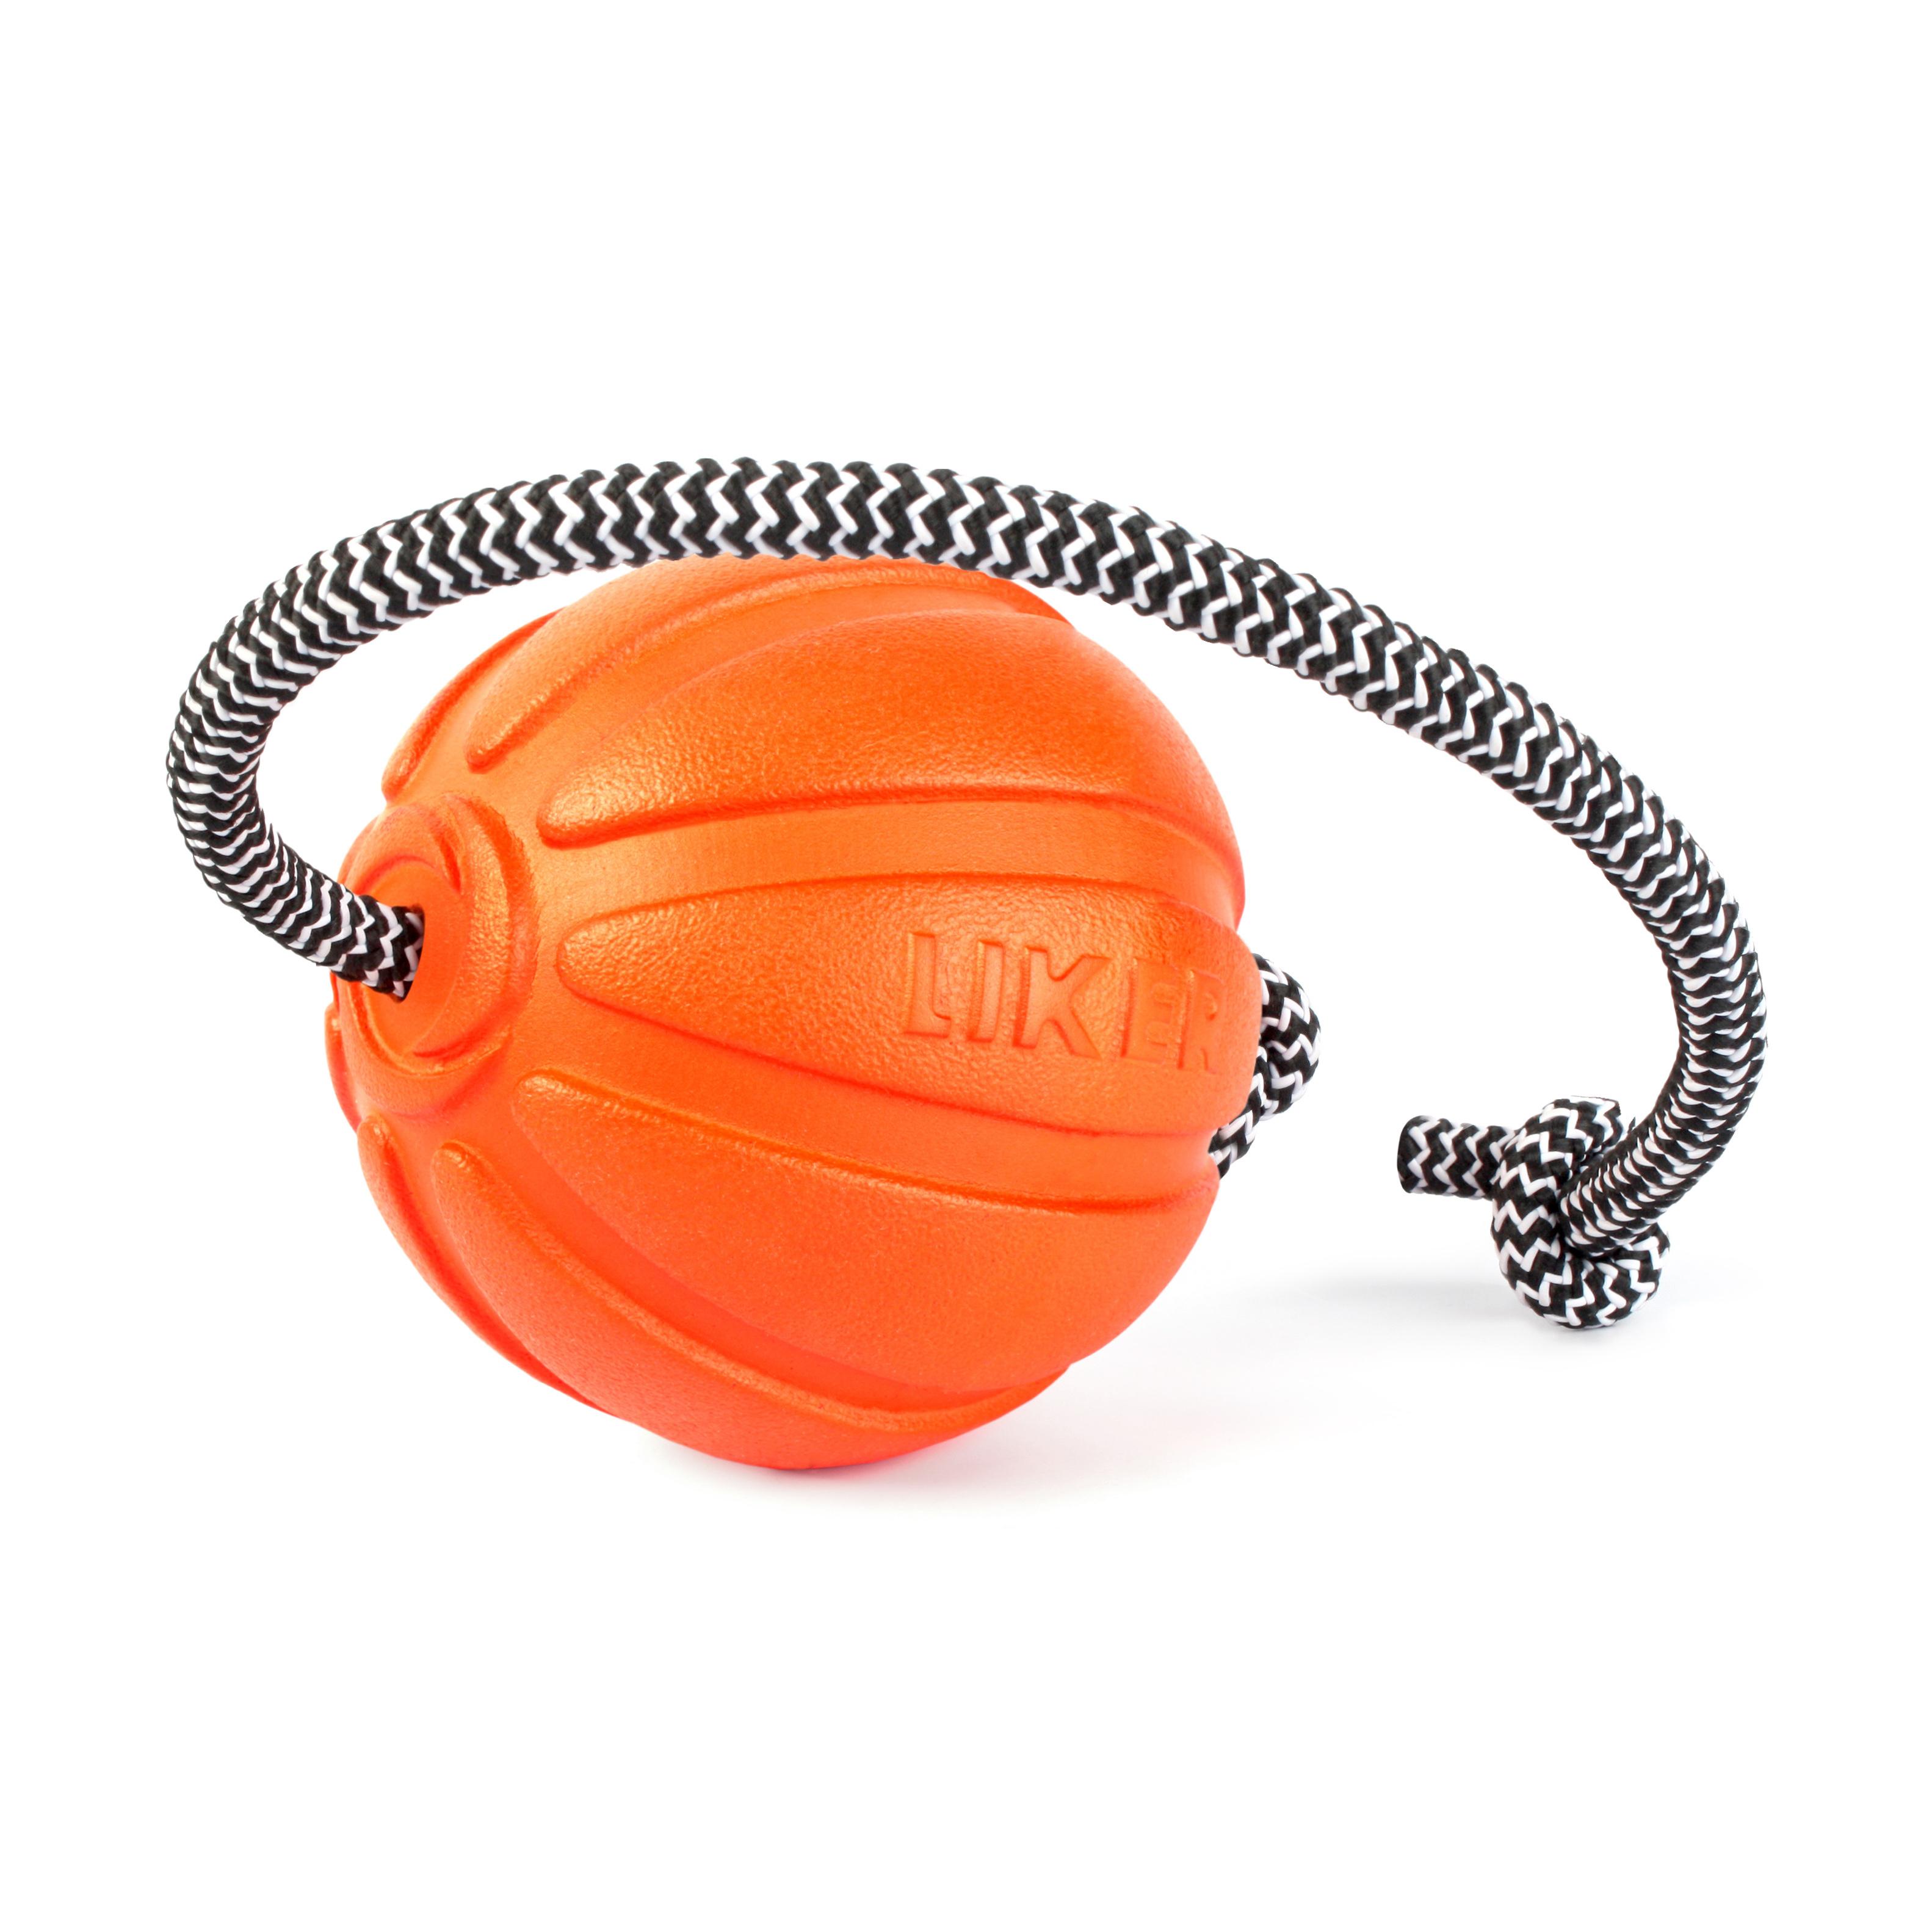 Мячик со шнуром для собак мелких и средних пород LIKER Cord, оранжевый, 7 см фото